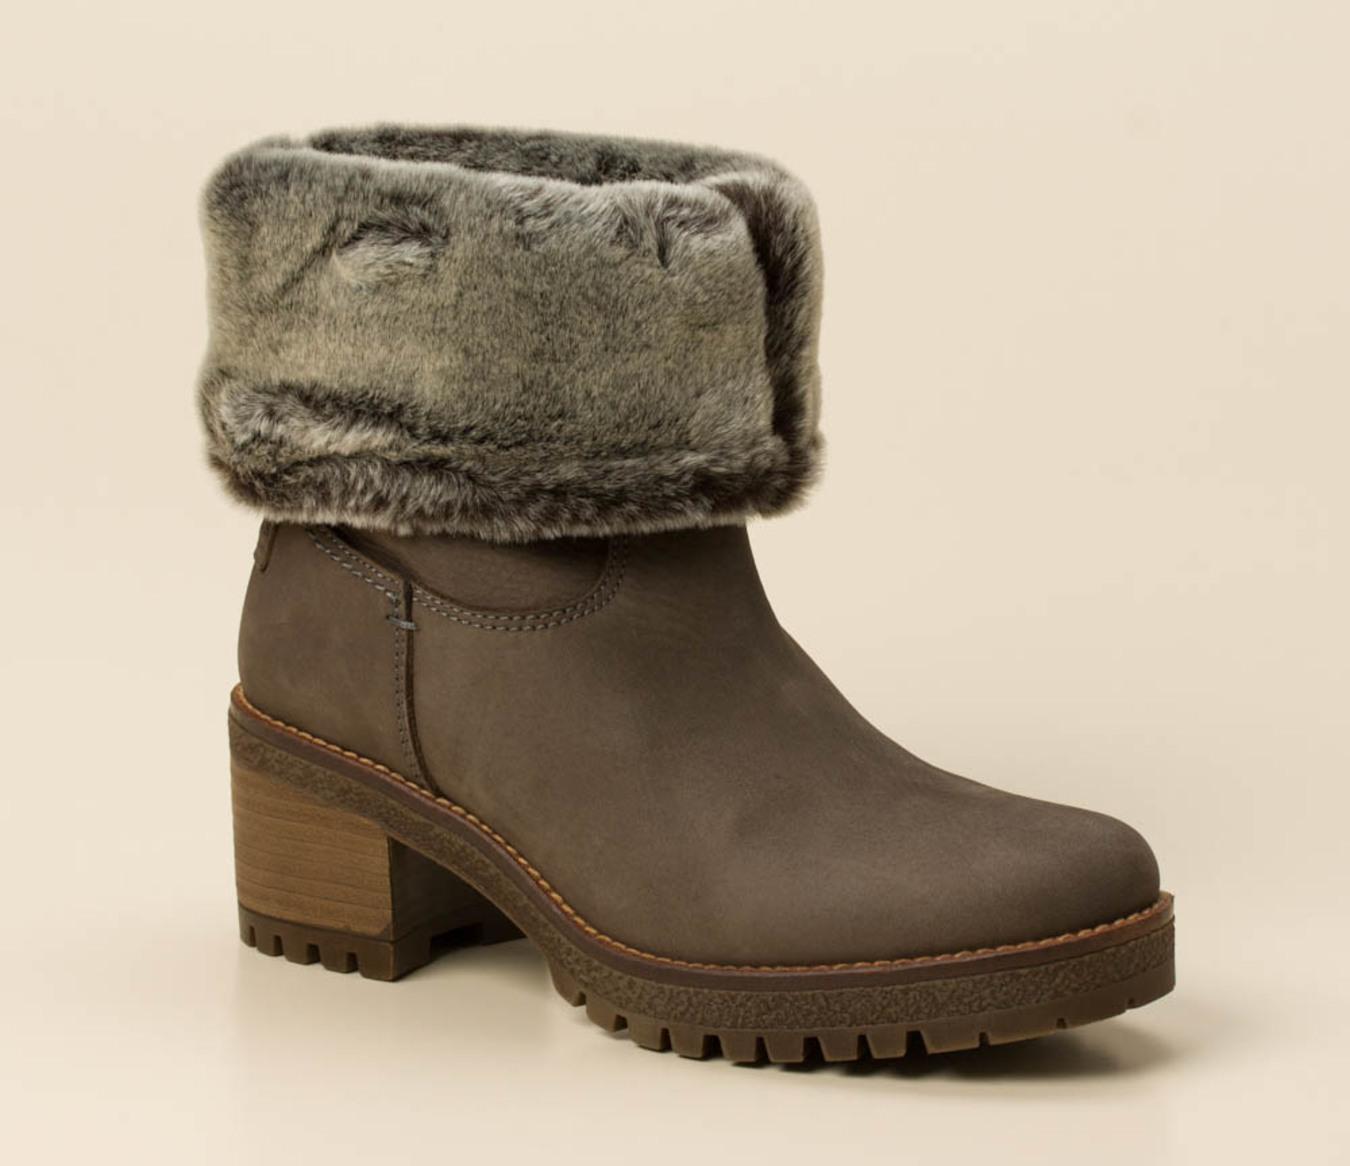 840e56b08a7da4 Panama Jack Damen Stiefelette in grau kaufen